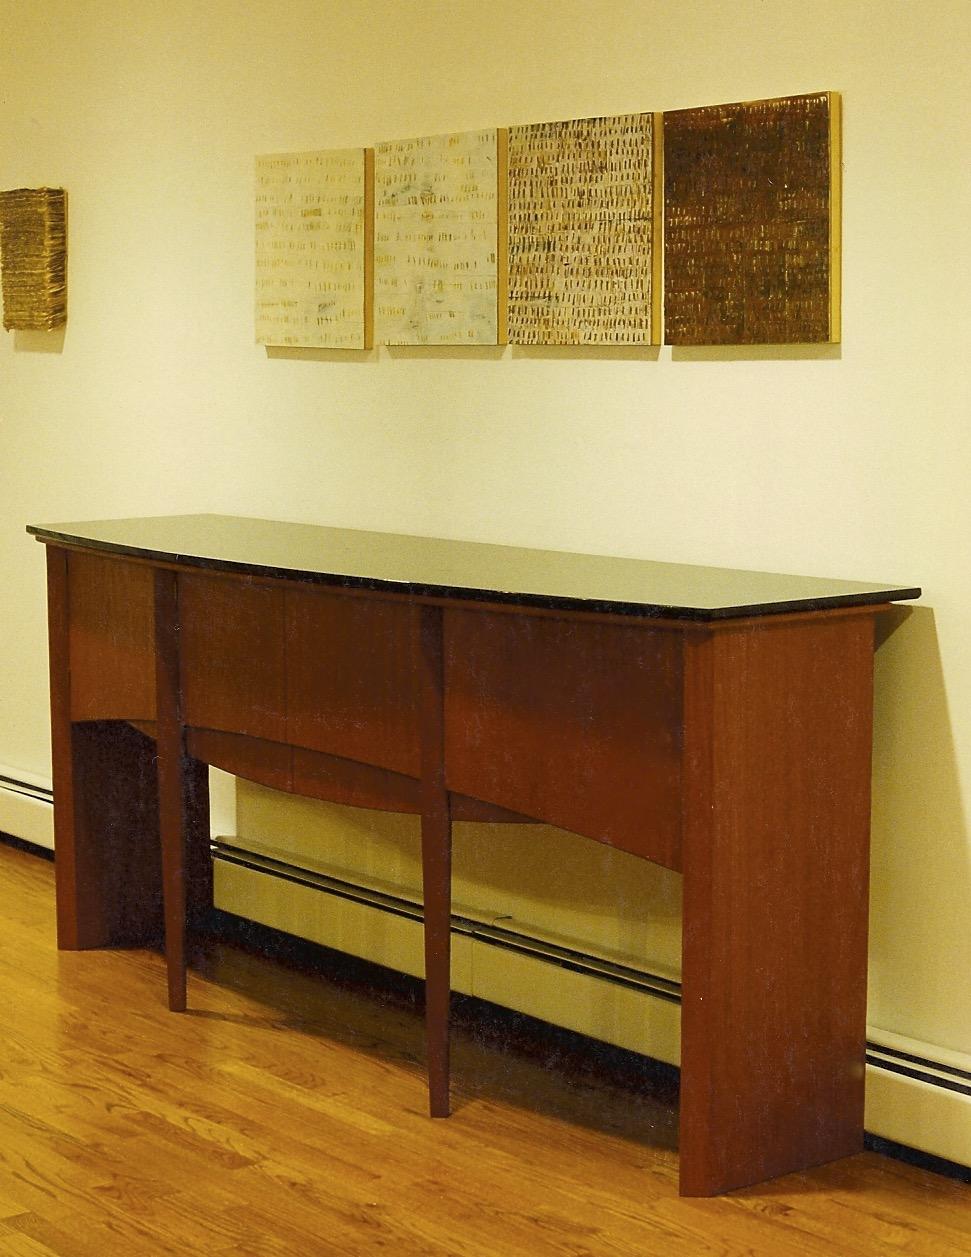 Sideboard 1995.jpg